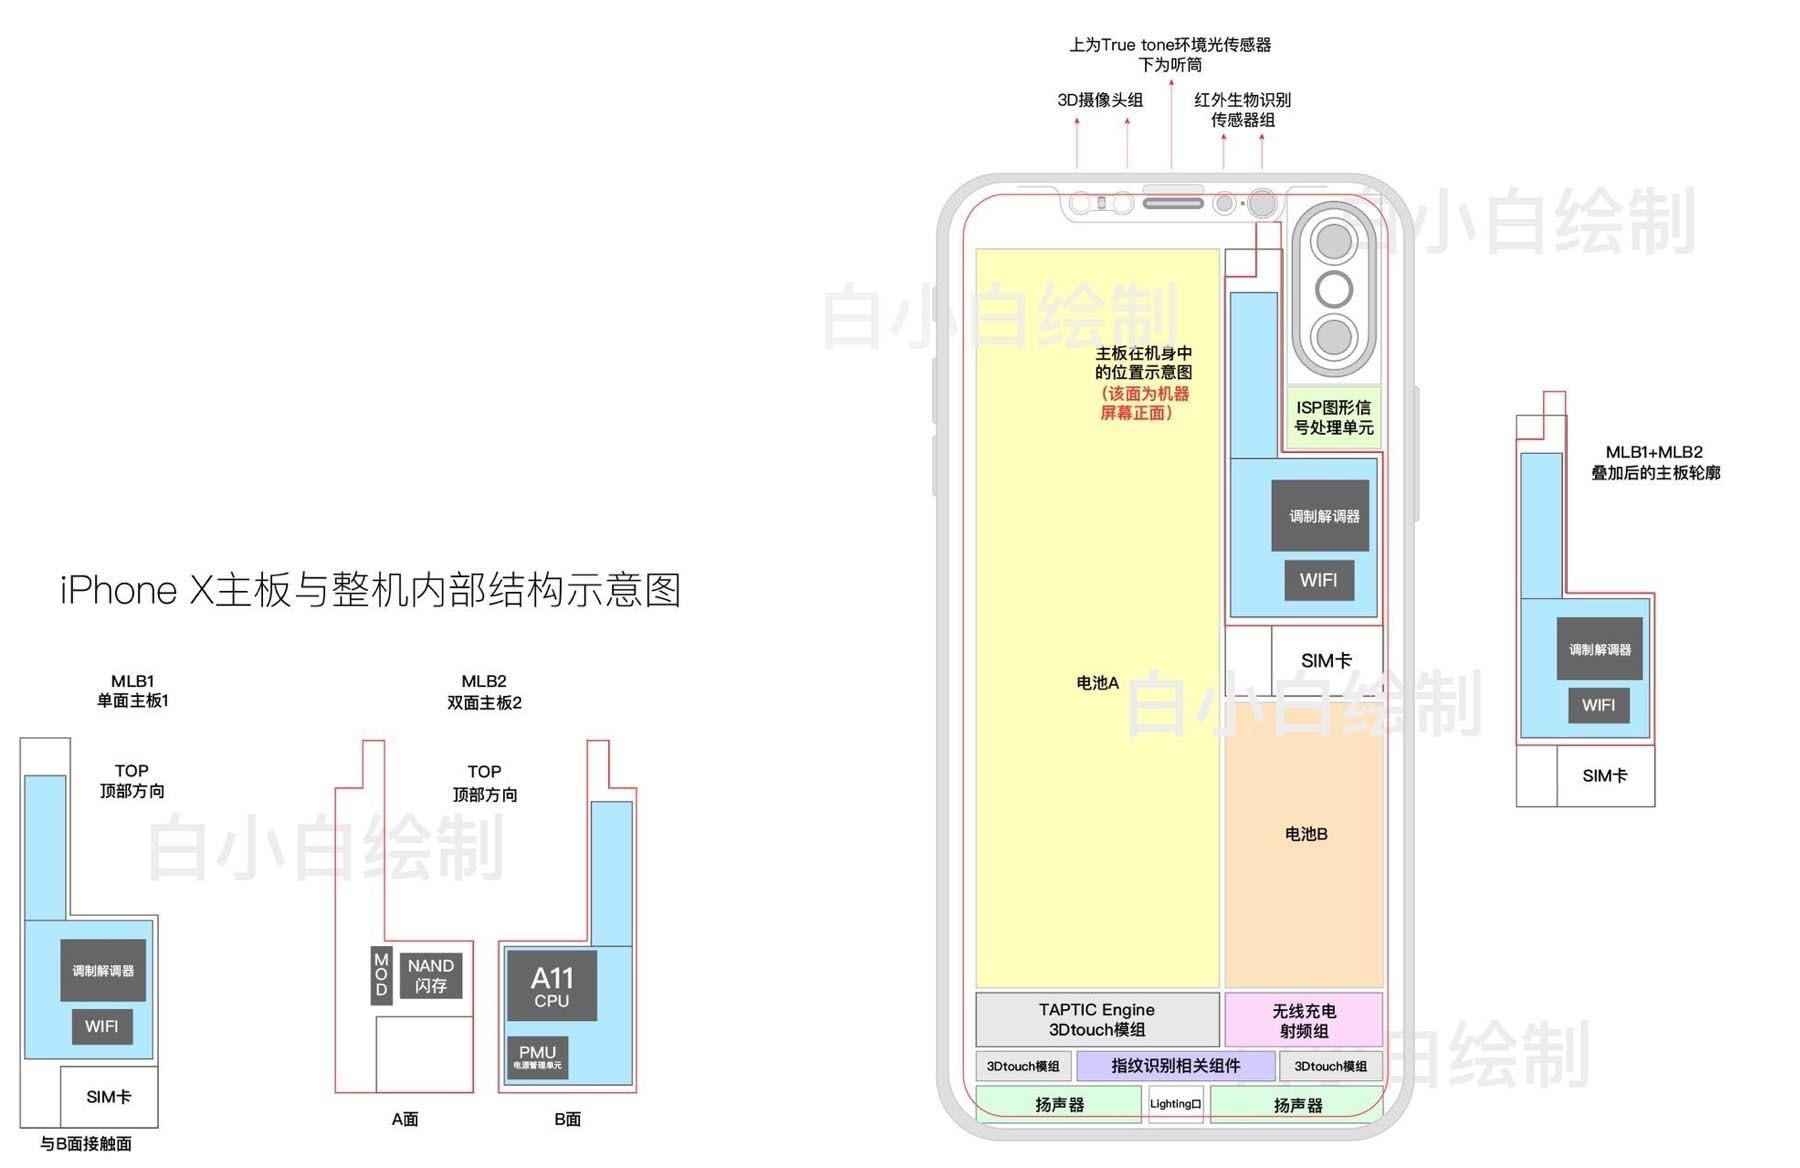 iPhone 5s Logic Board Schematic iPhone 8 Logic Board Diagram Of iPhone 5s Logic Board Schematic